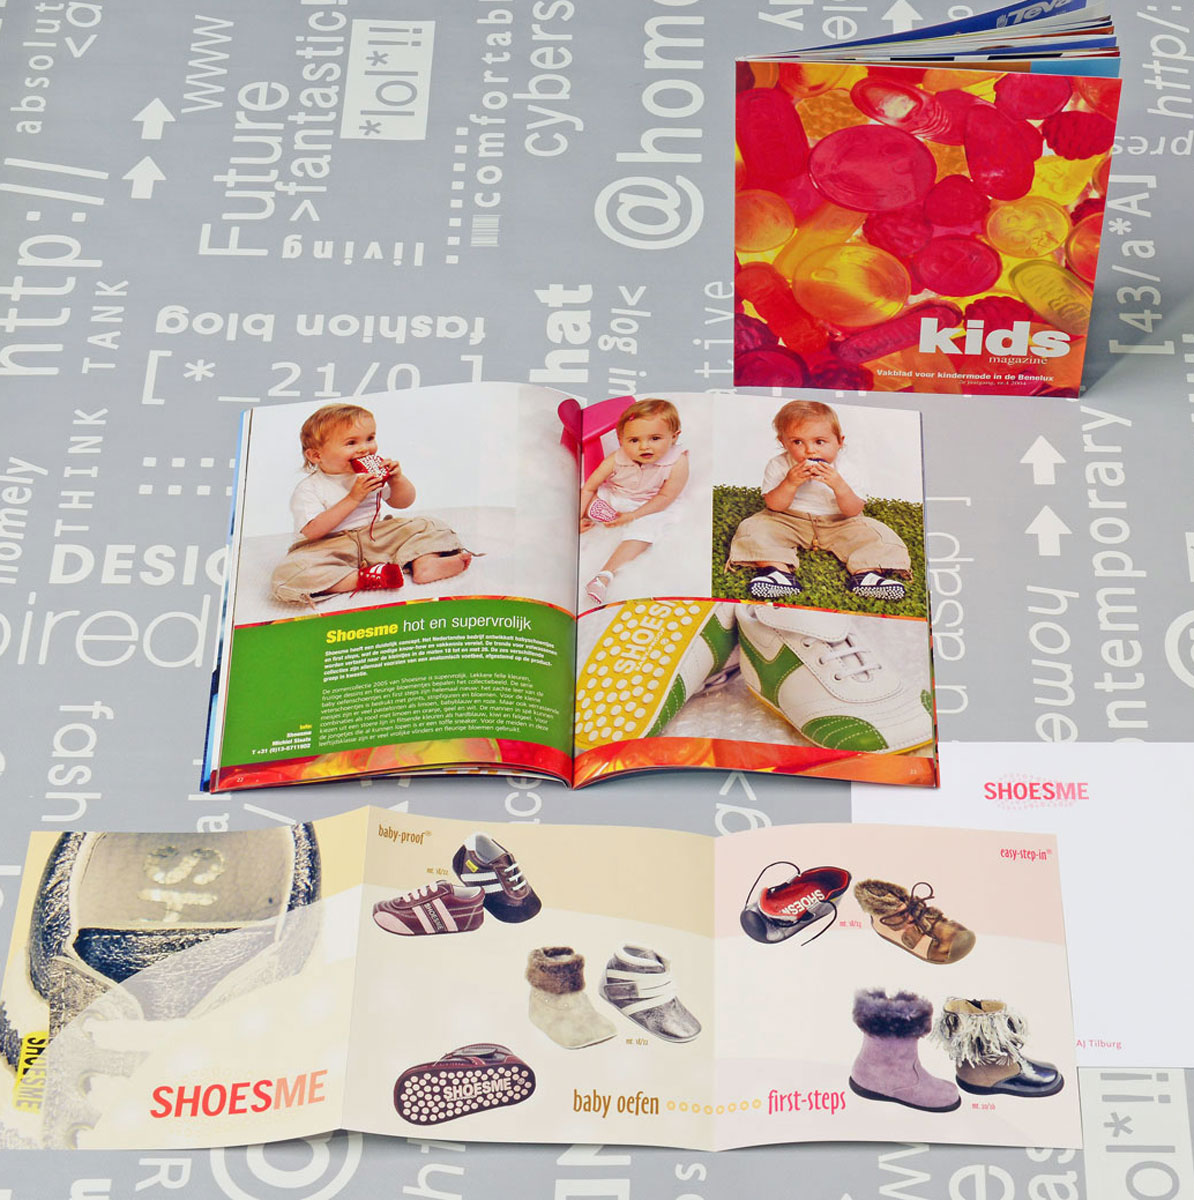 Shoesme, reclame, ontwerp, grafische vormgeving, productfotografie, bedrijfsfotografie, DTP, reclame-uiting, brochure, Portfolio